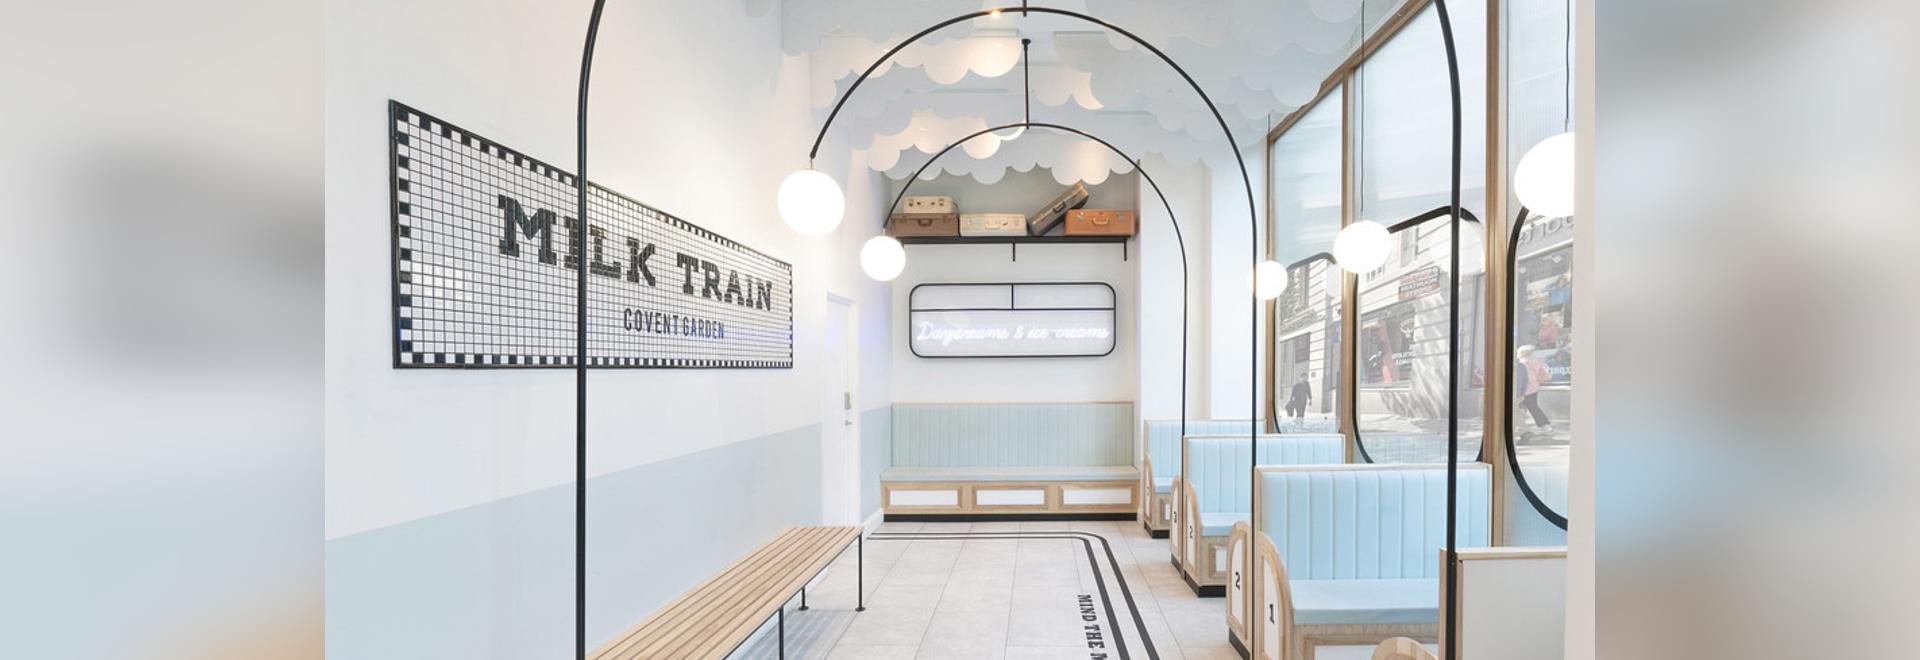 El café del helado del tren de leche fue inspirado por los trenes británicos y sus estaciones